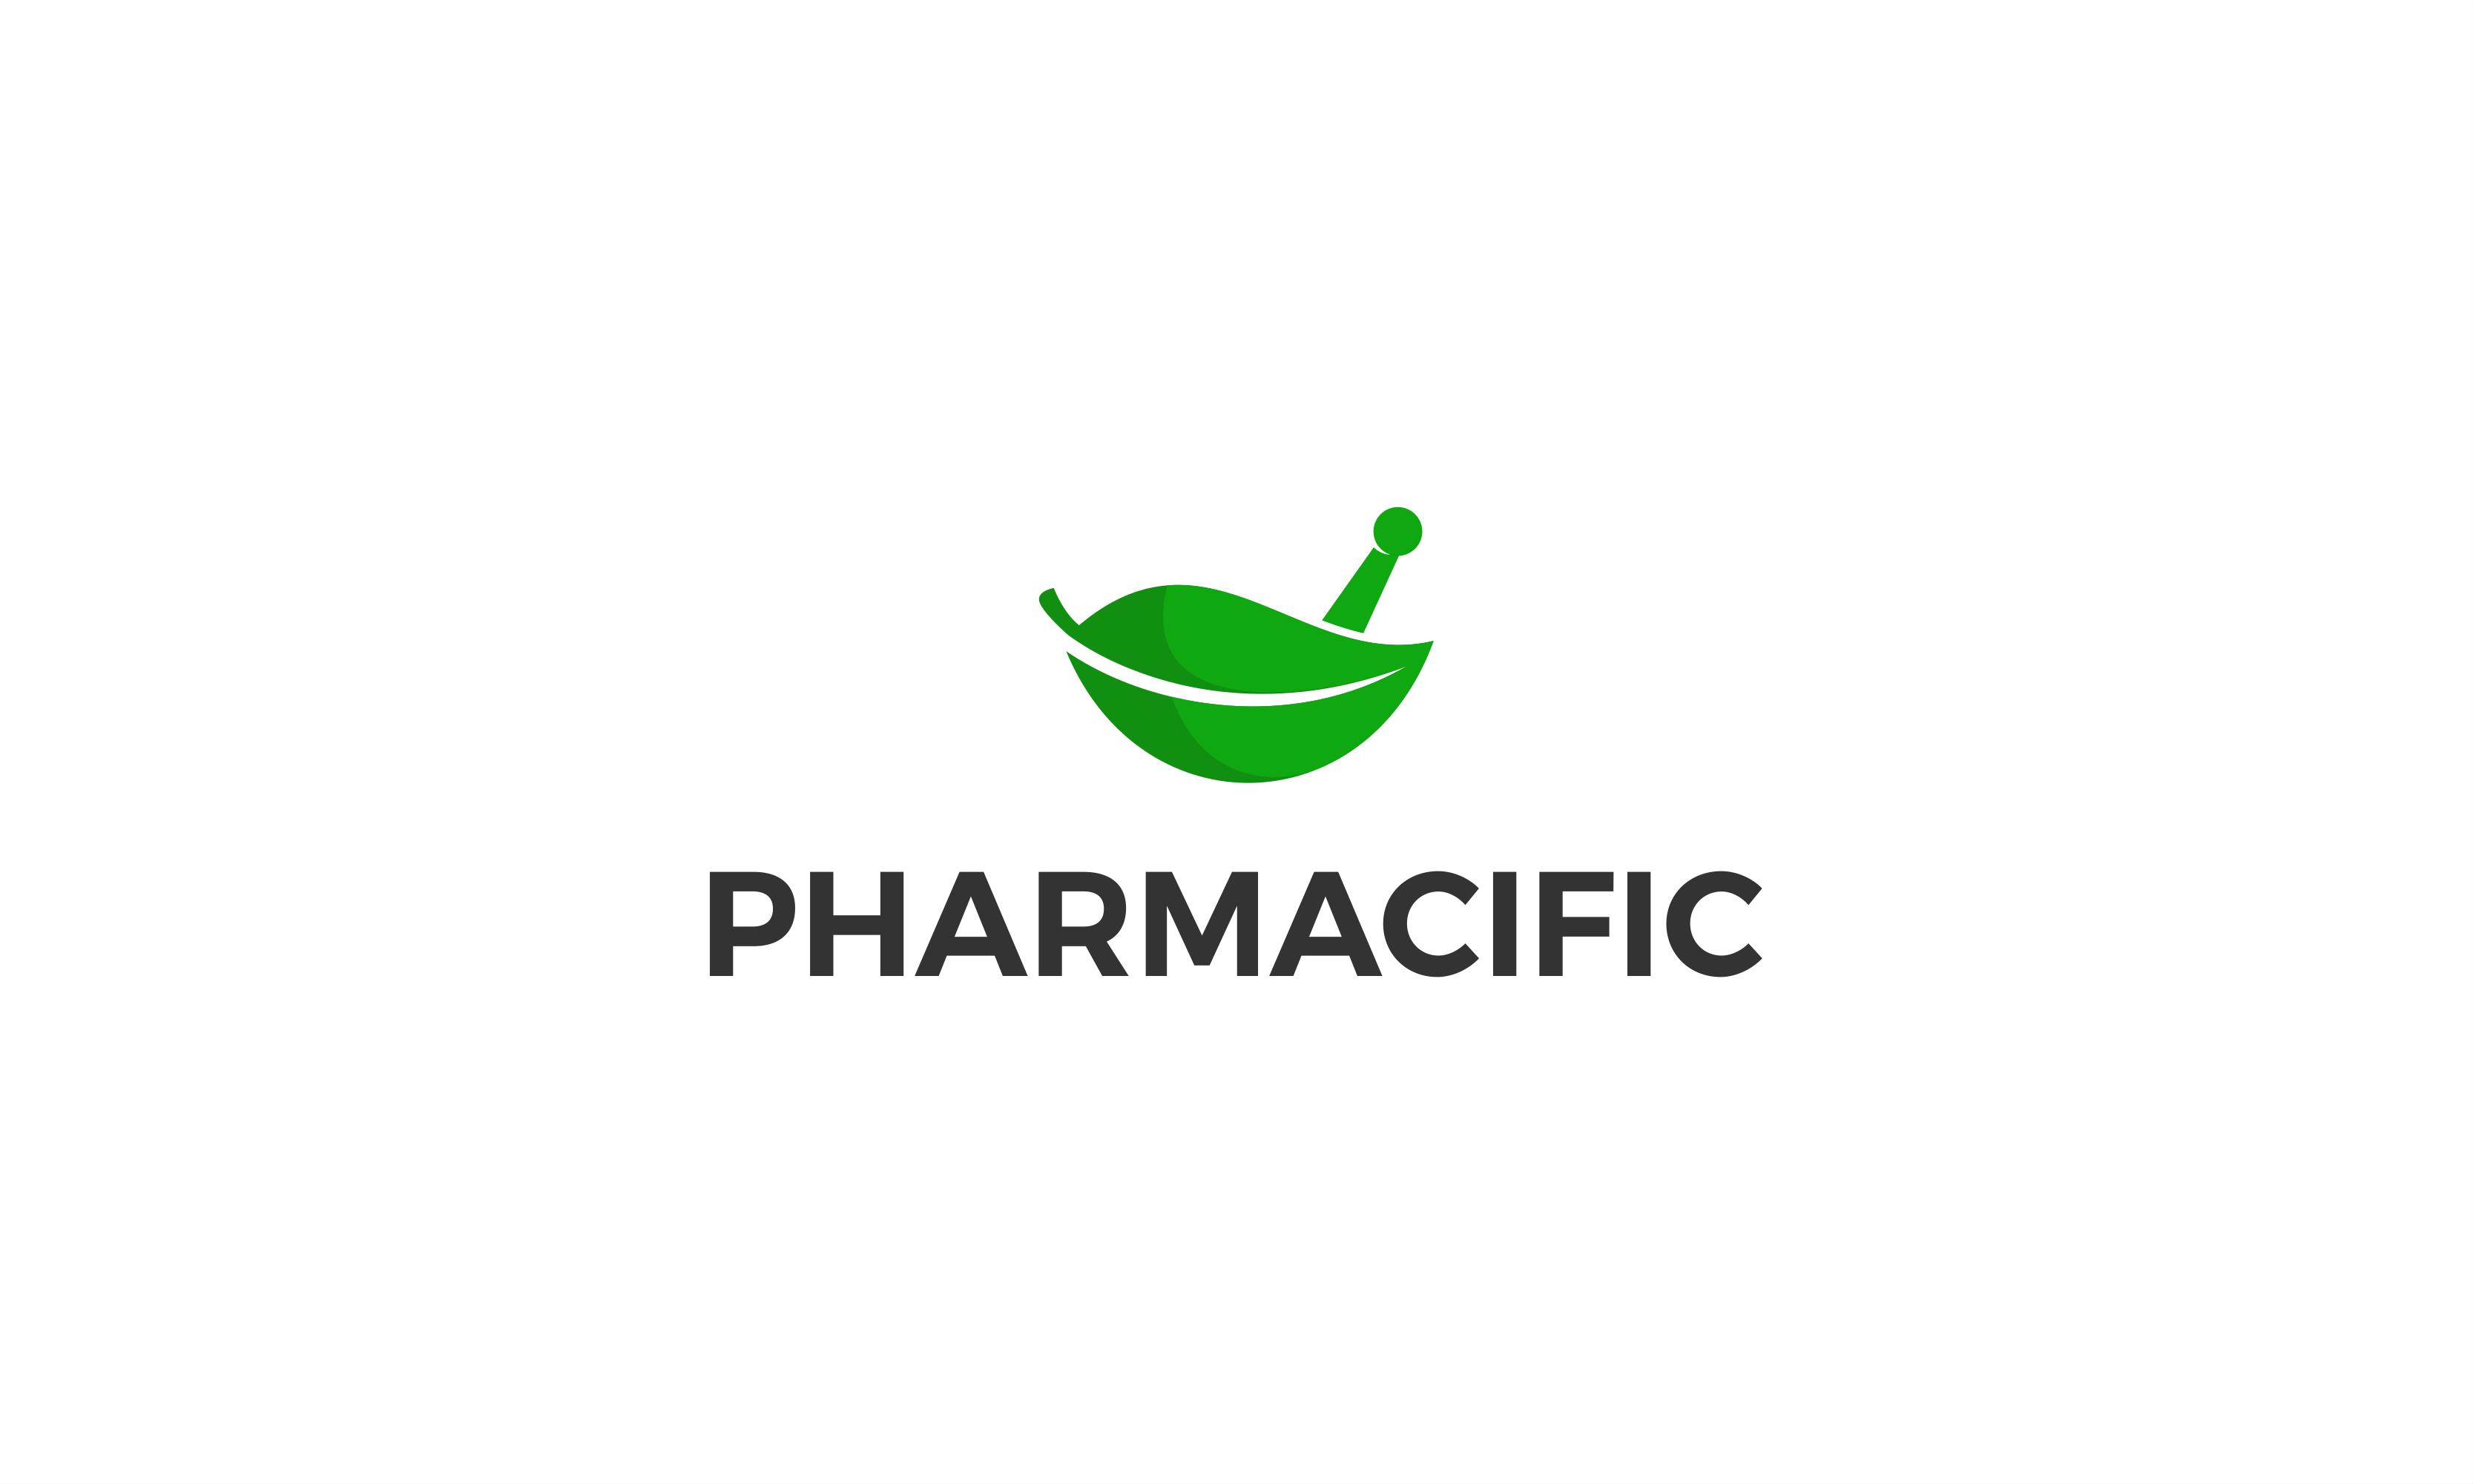 Pharmacific